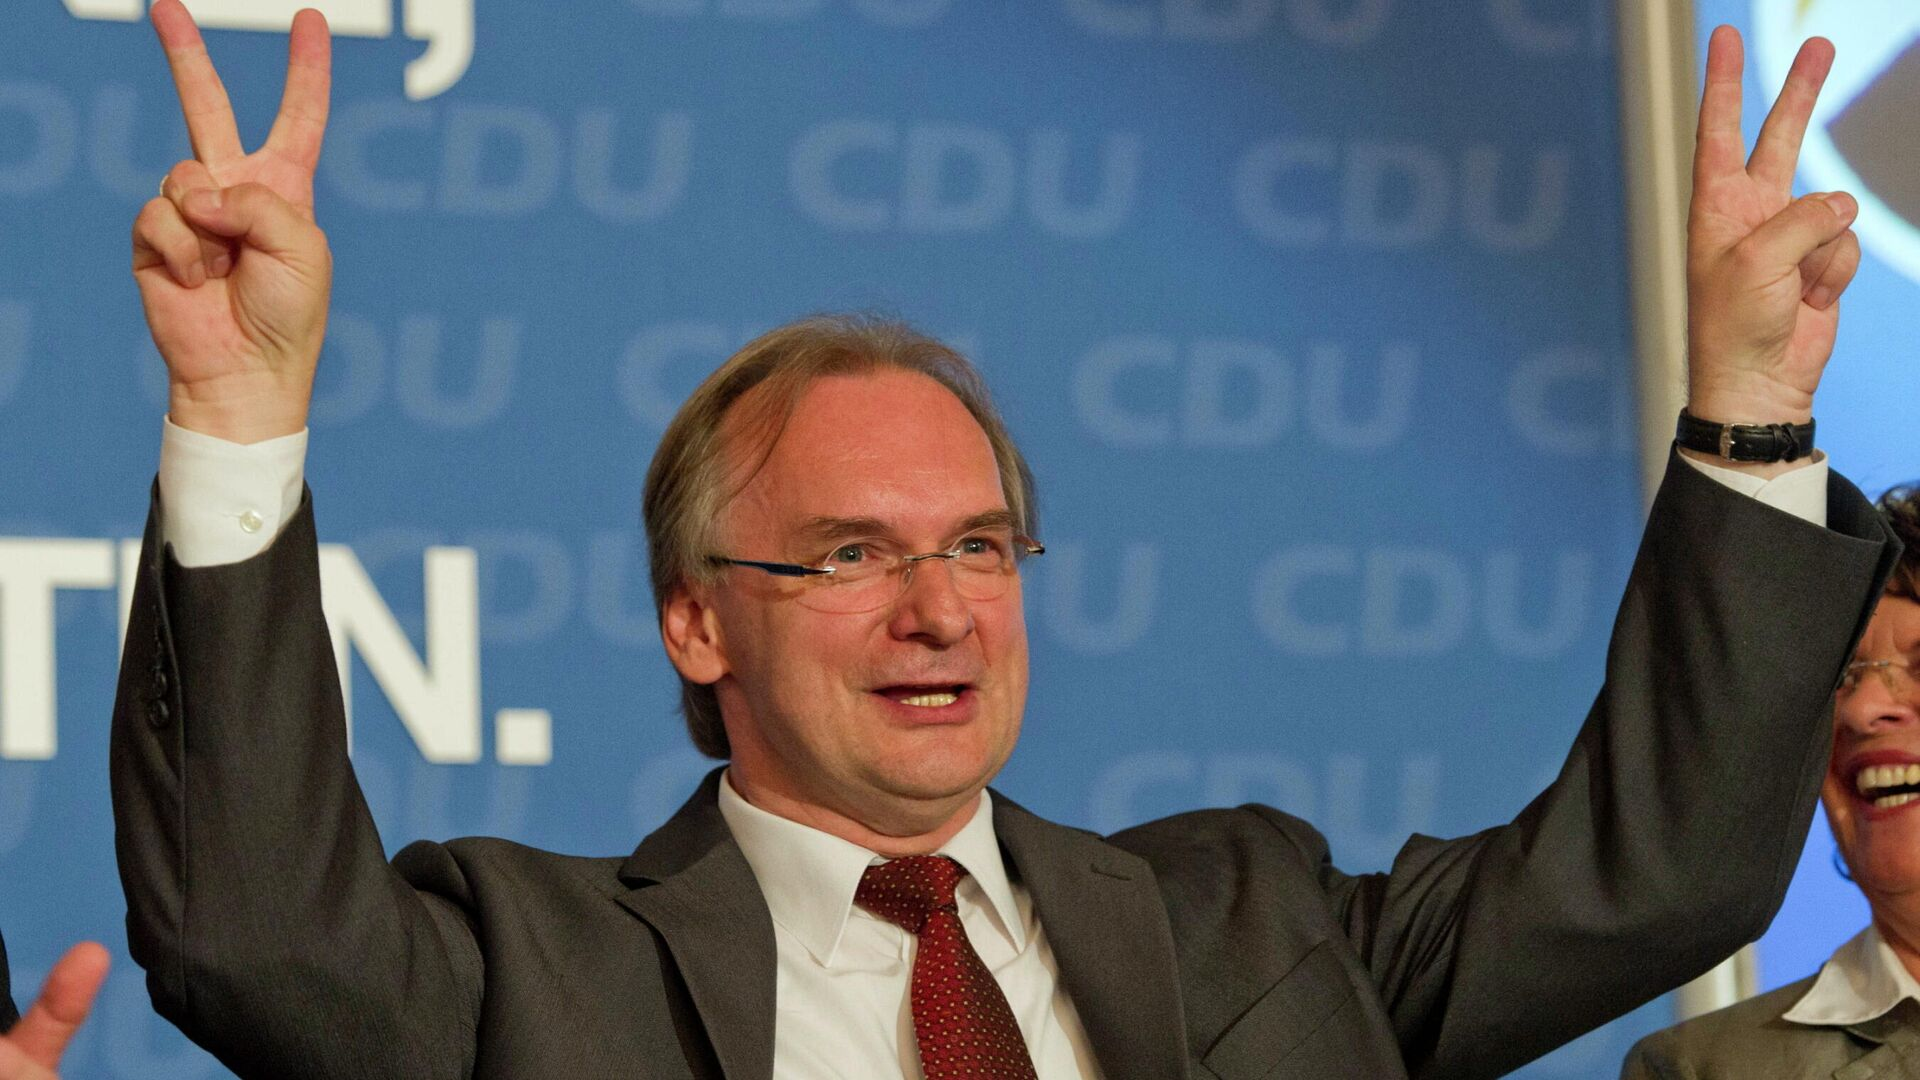 CDU-Politiker Reiner Haseloff (Archivbild) - SNA, 1920, 16.09.2021